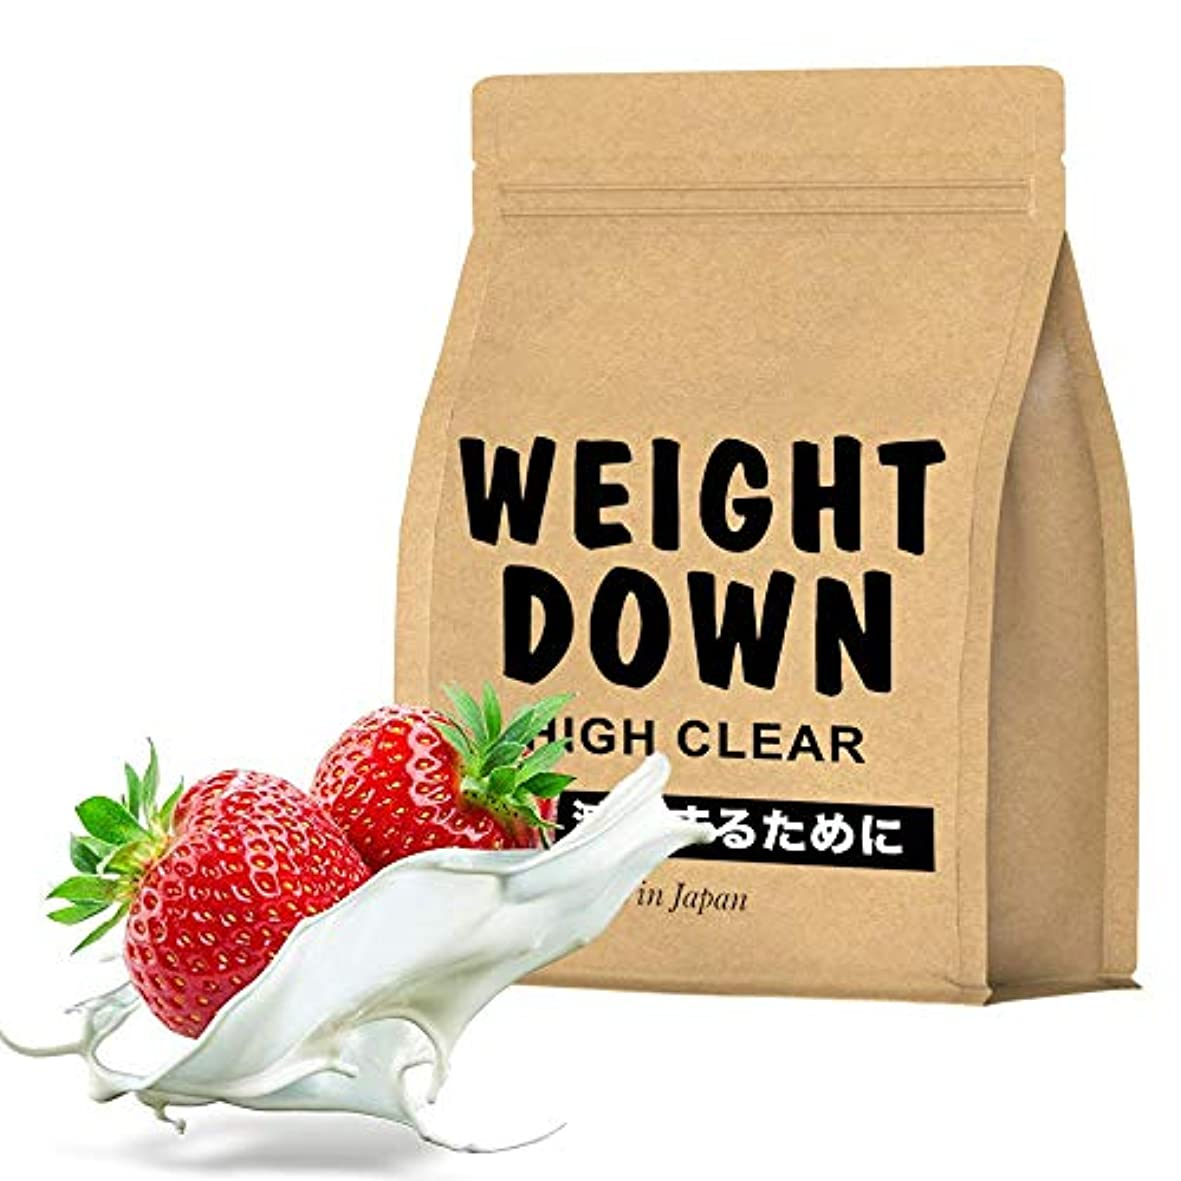 銃異邦人デンプシーウェイトダウンマッハ1㎏【AMAZON限定】 11種類ビタミン ストロベリーミルク味 40食分 HIGH CLEAR(ハイクリアー)